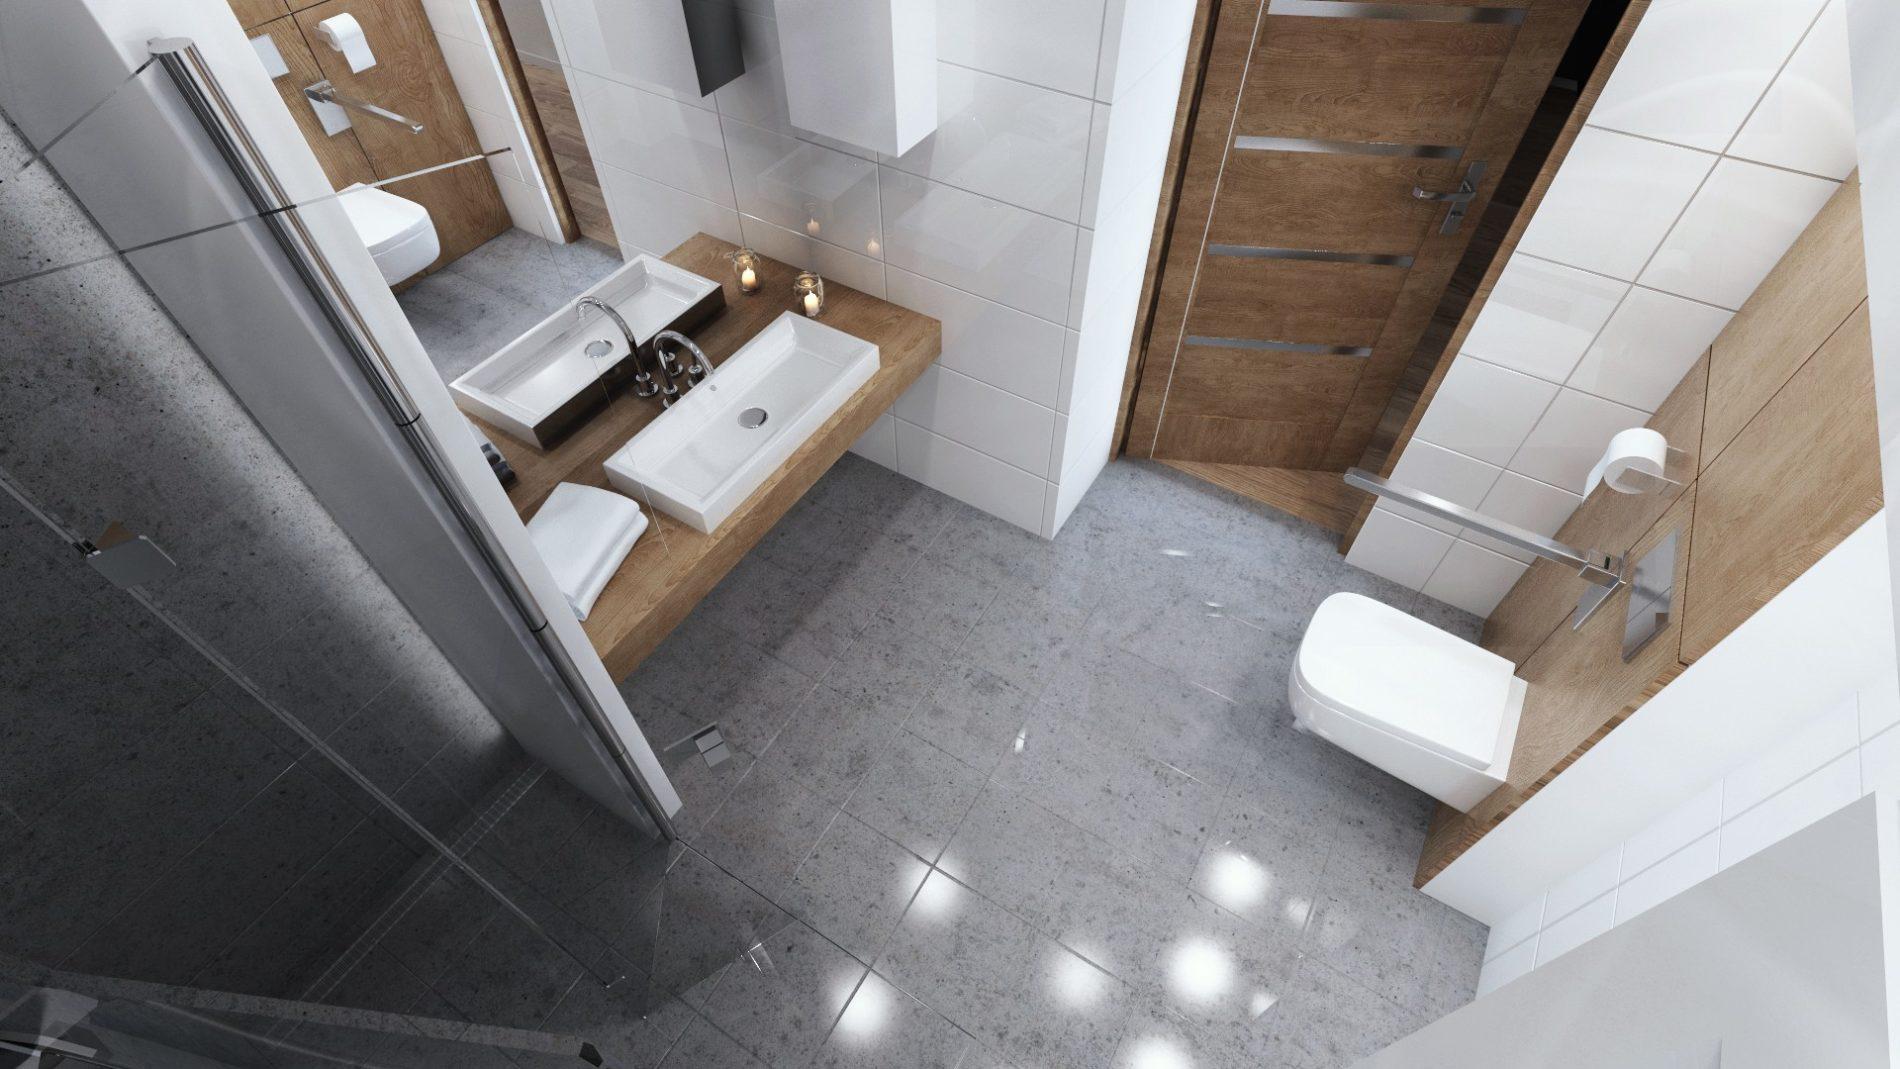 nowoczesna łazienka dostosowana dla niepełnosprawnych